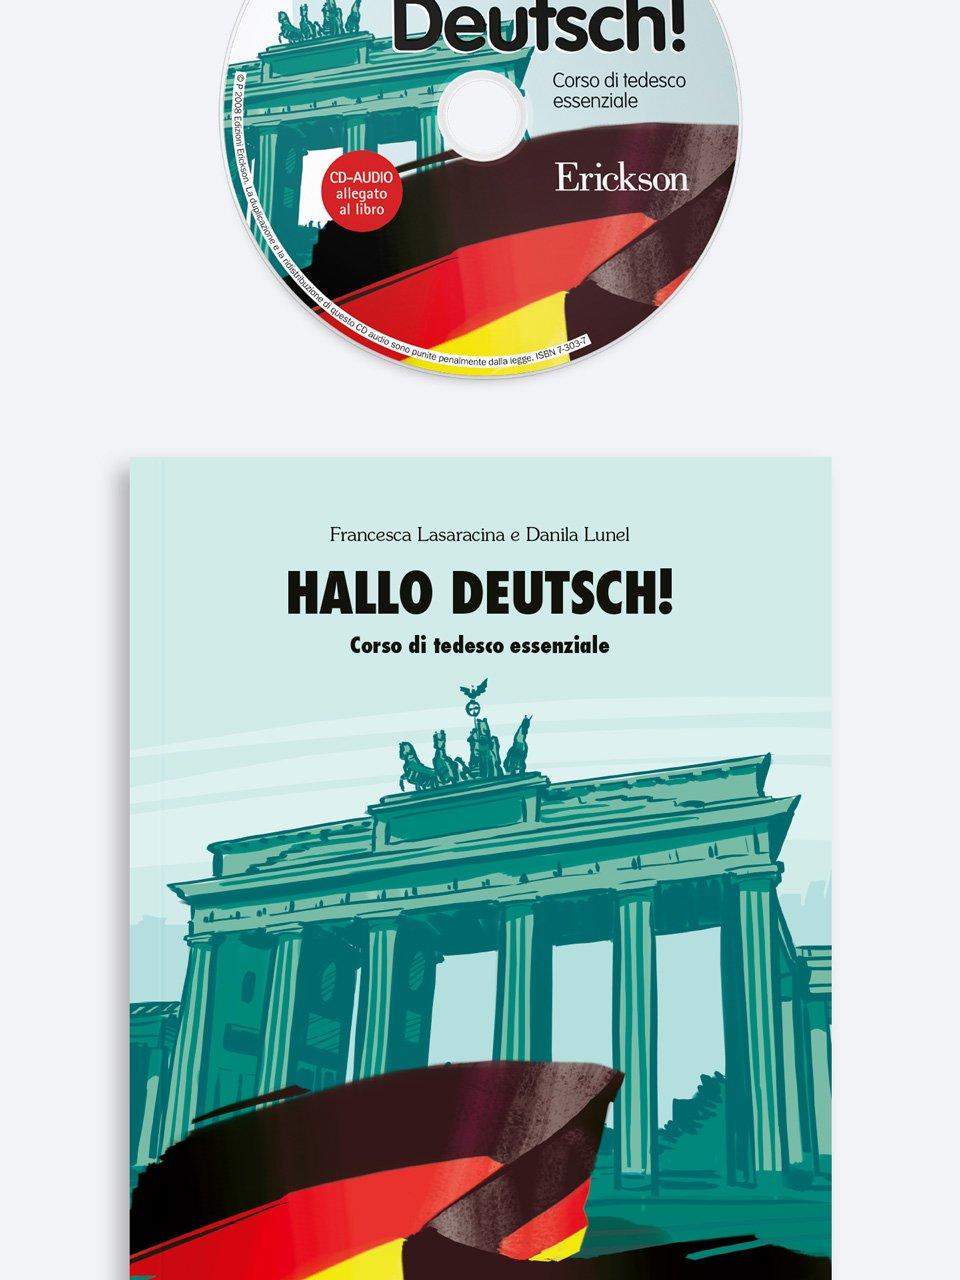 Hallo Deutsch! - My First Word Games - App e software - Erickson 2